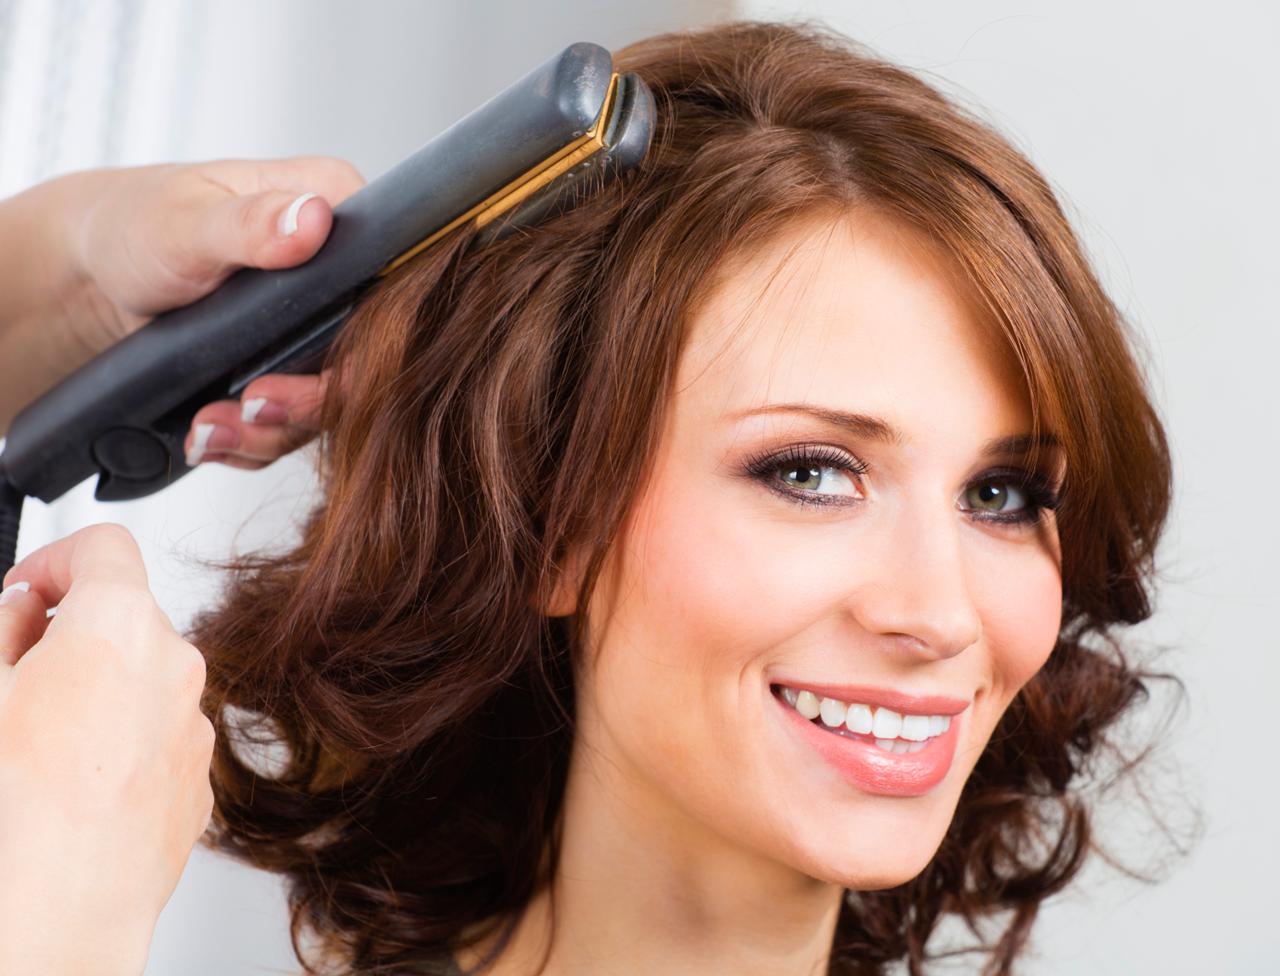 аутфит подойдет укладка волос утюжком в домашних условиях фото желаю себе, чтобы